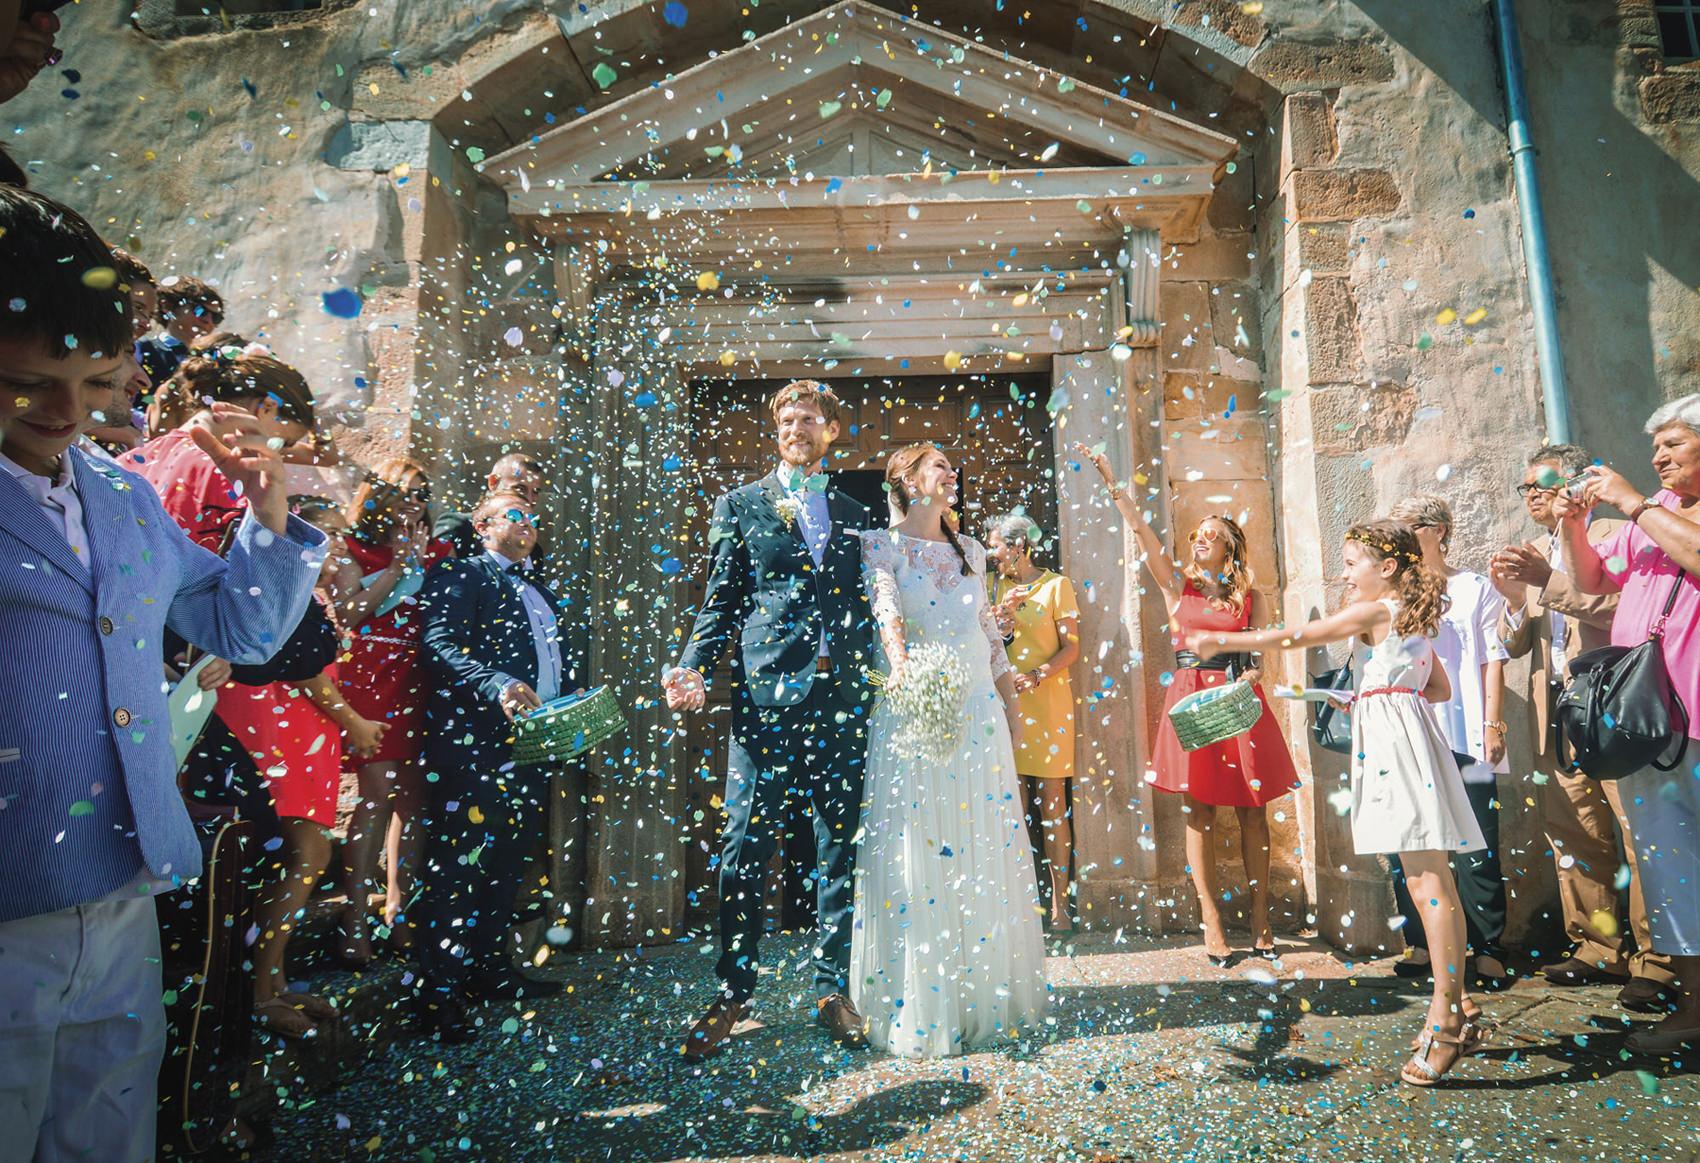 sortie-de-leglise-confettis-photographe-mariage-original-paris-val-de-marne-2